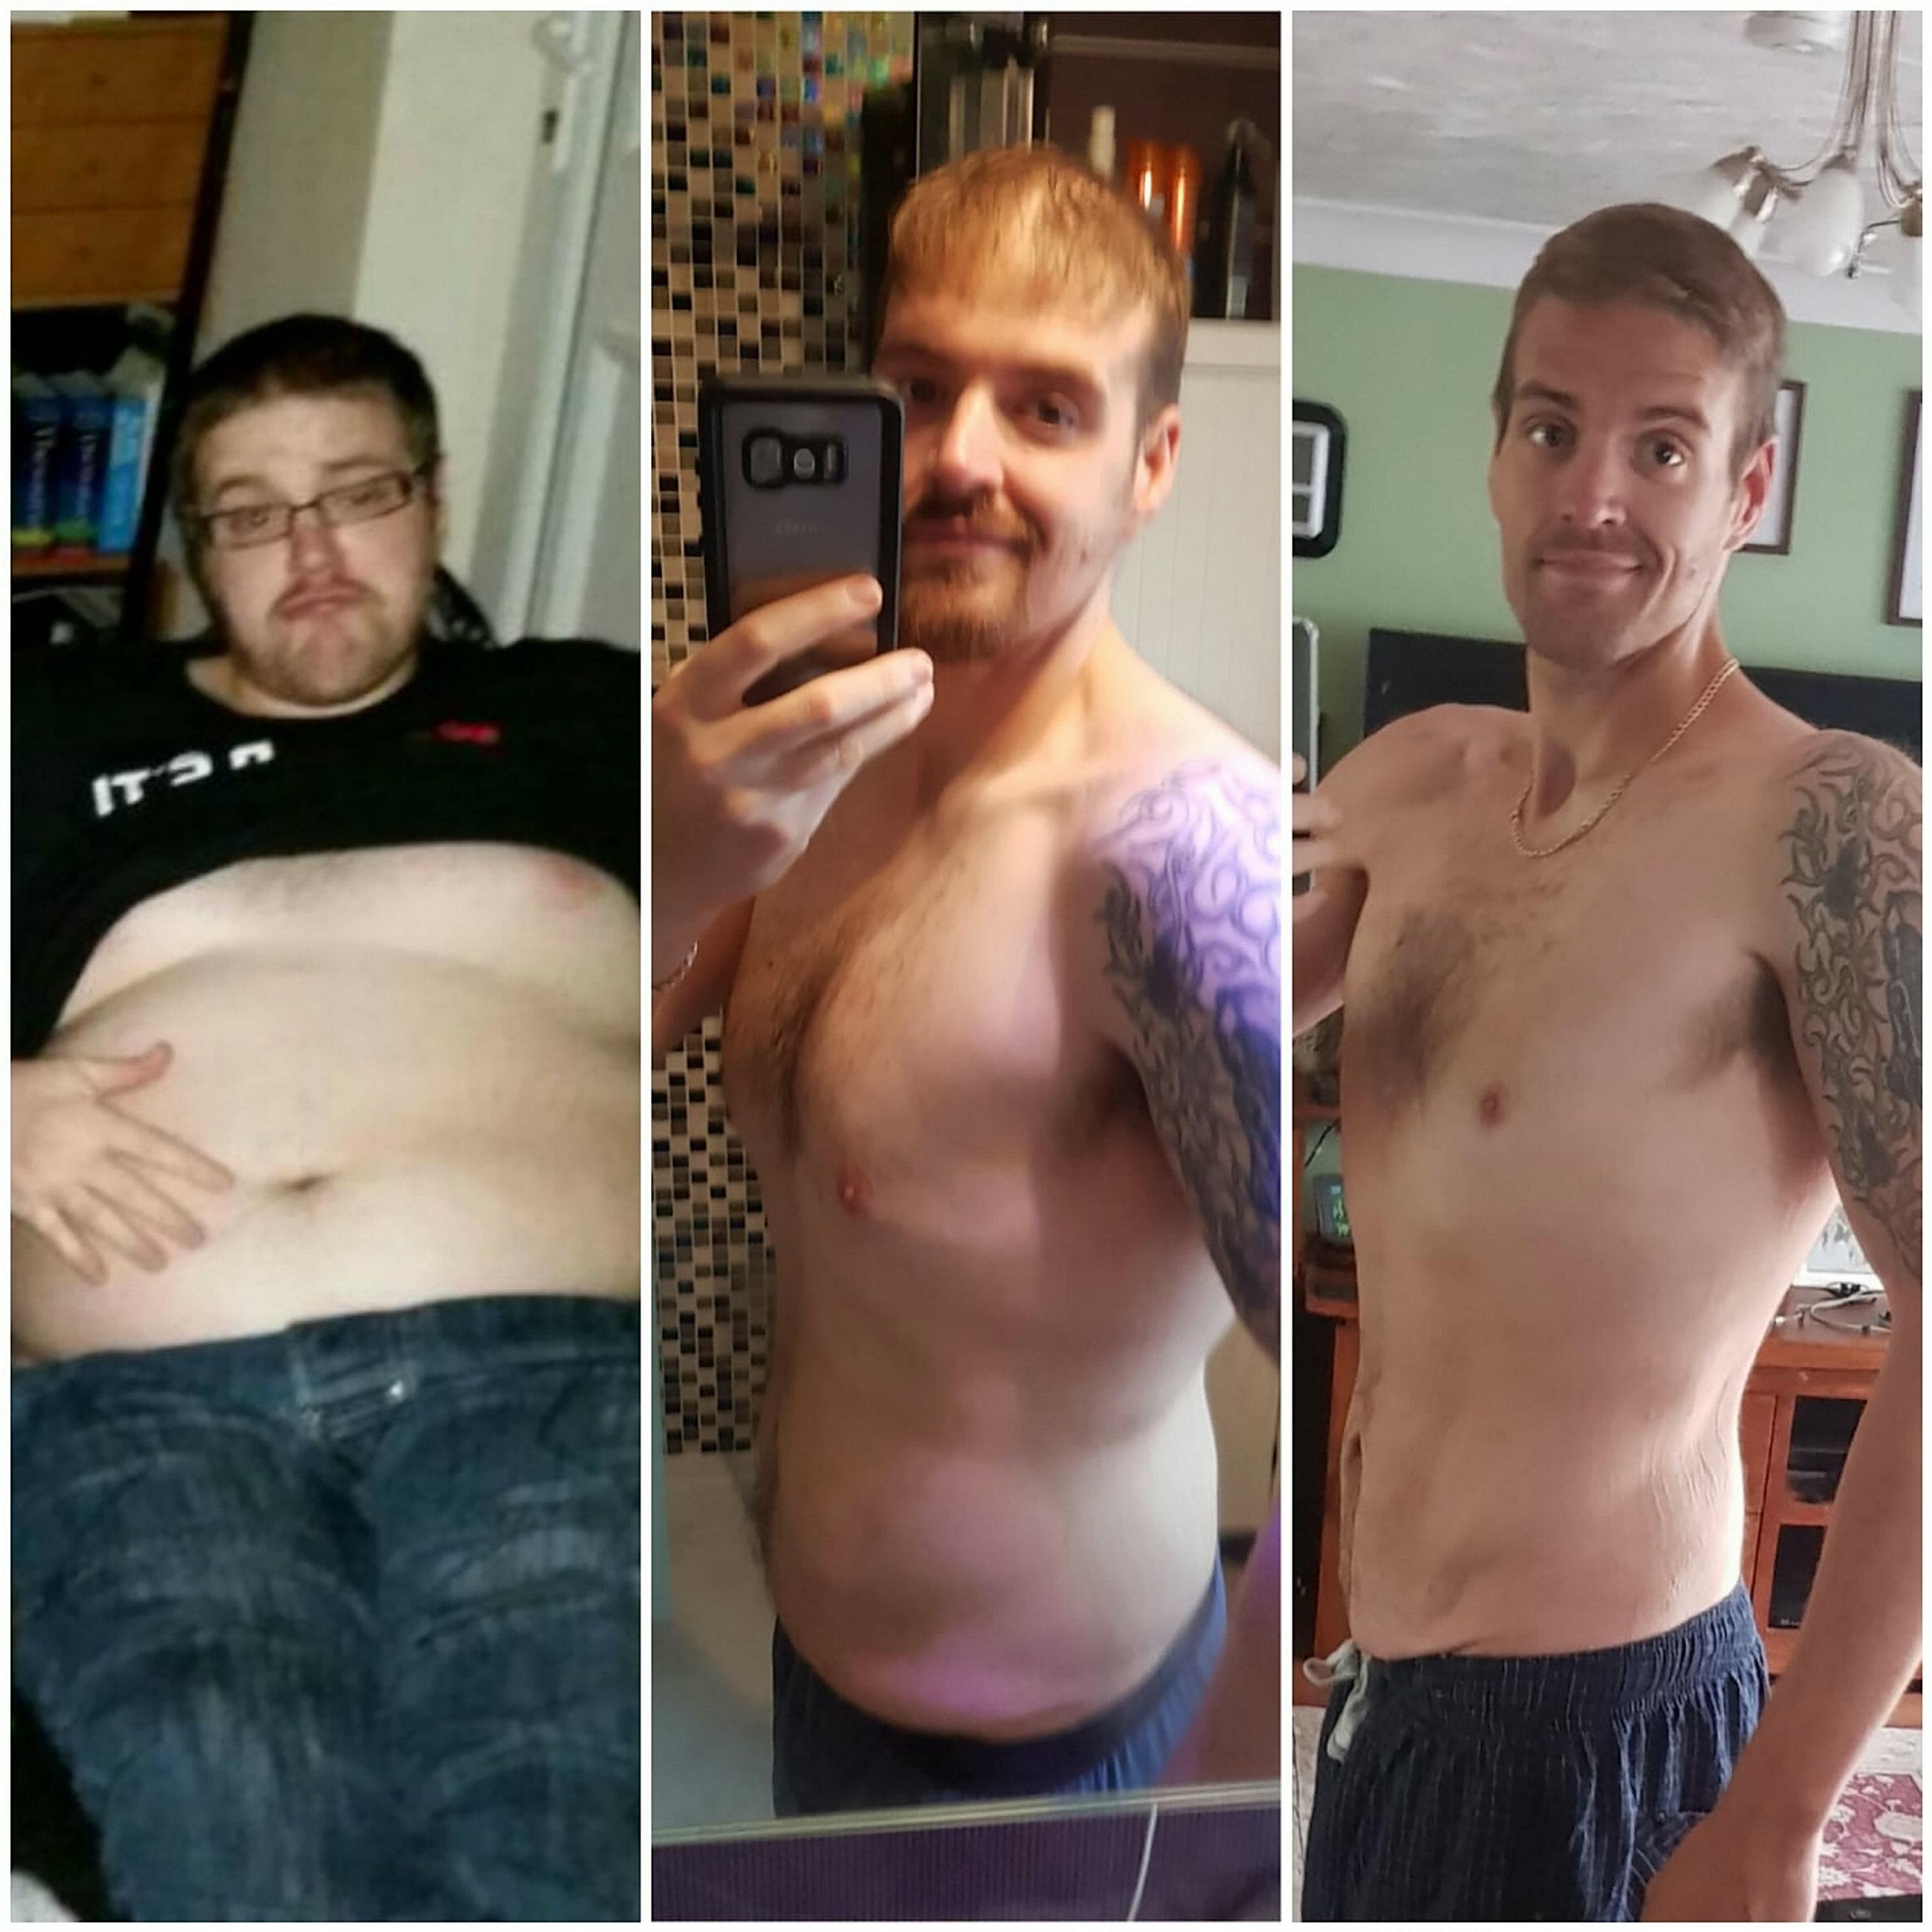 45 éves férfi lefogy fogyás tippeket az elhízott